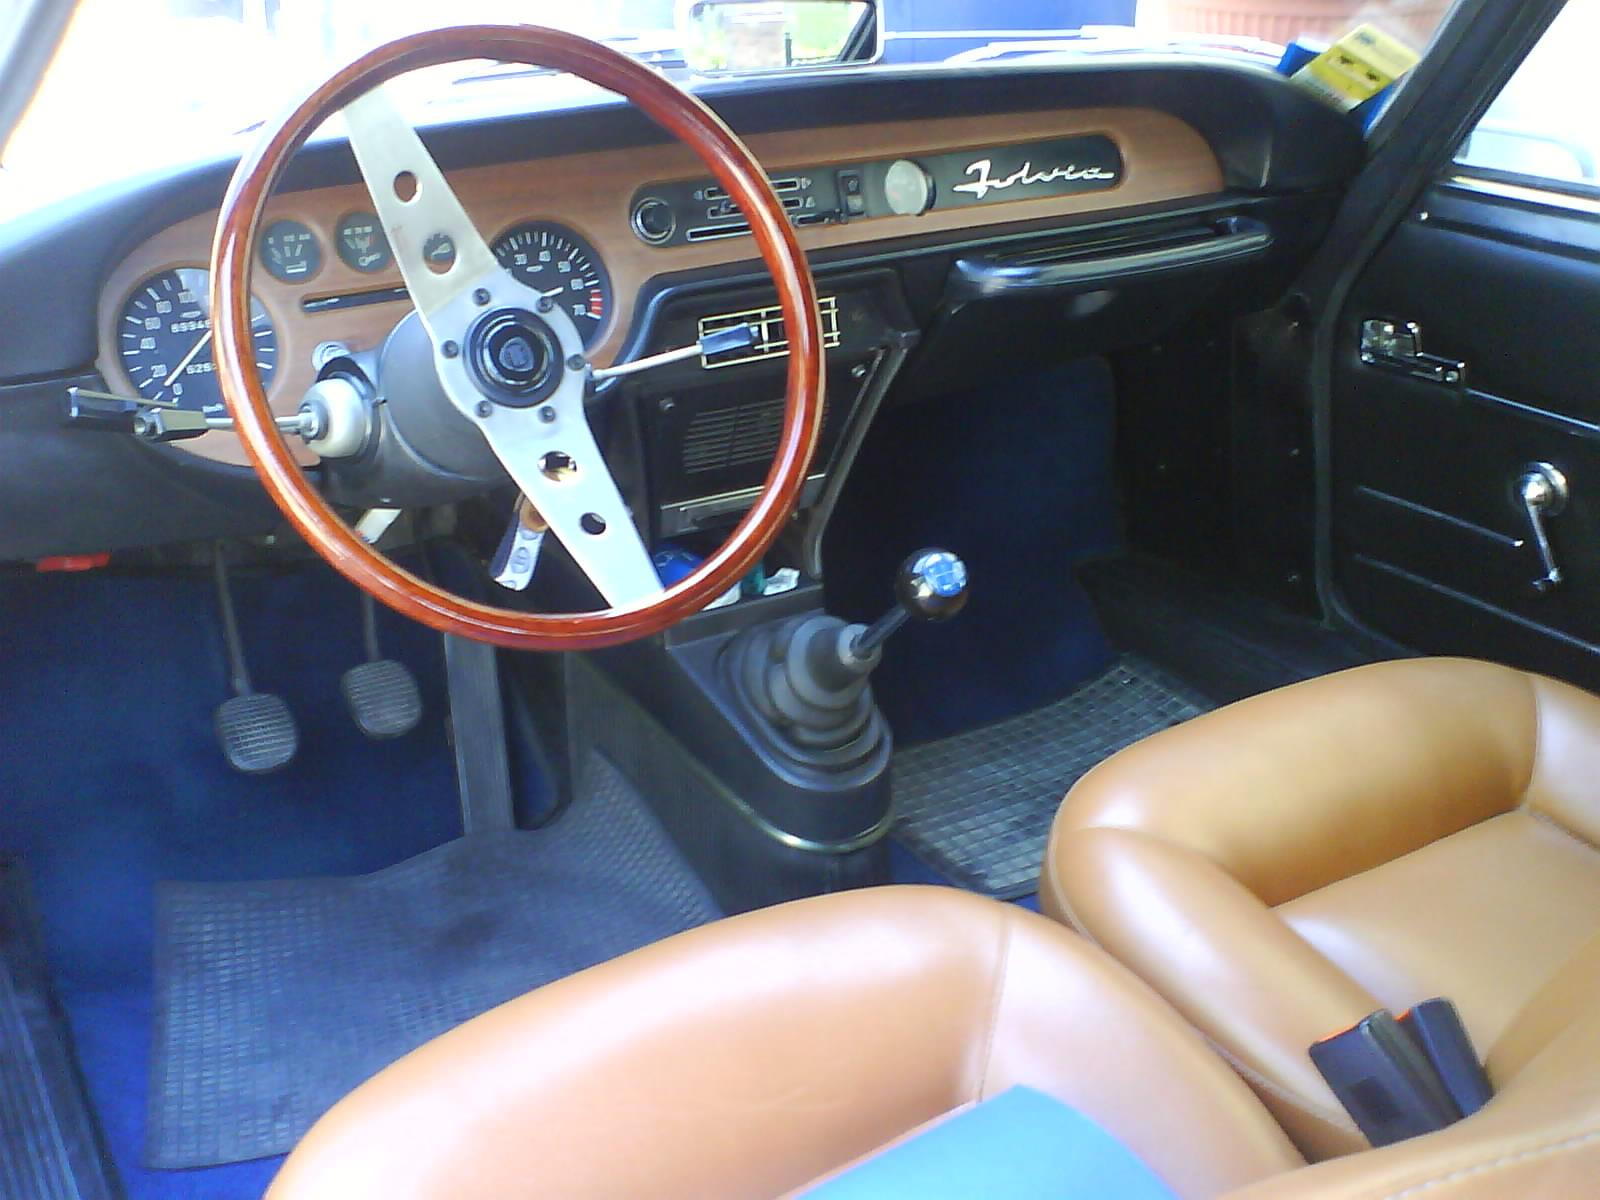 1971 Lancia Fulvia Zagato Rear